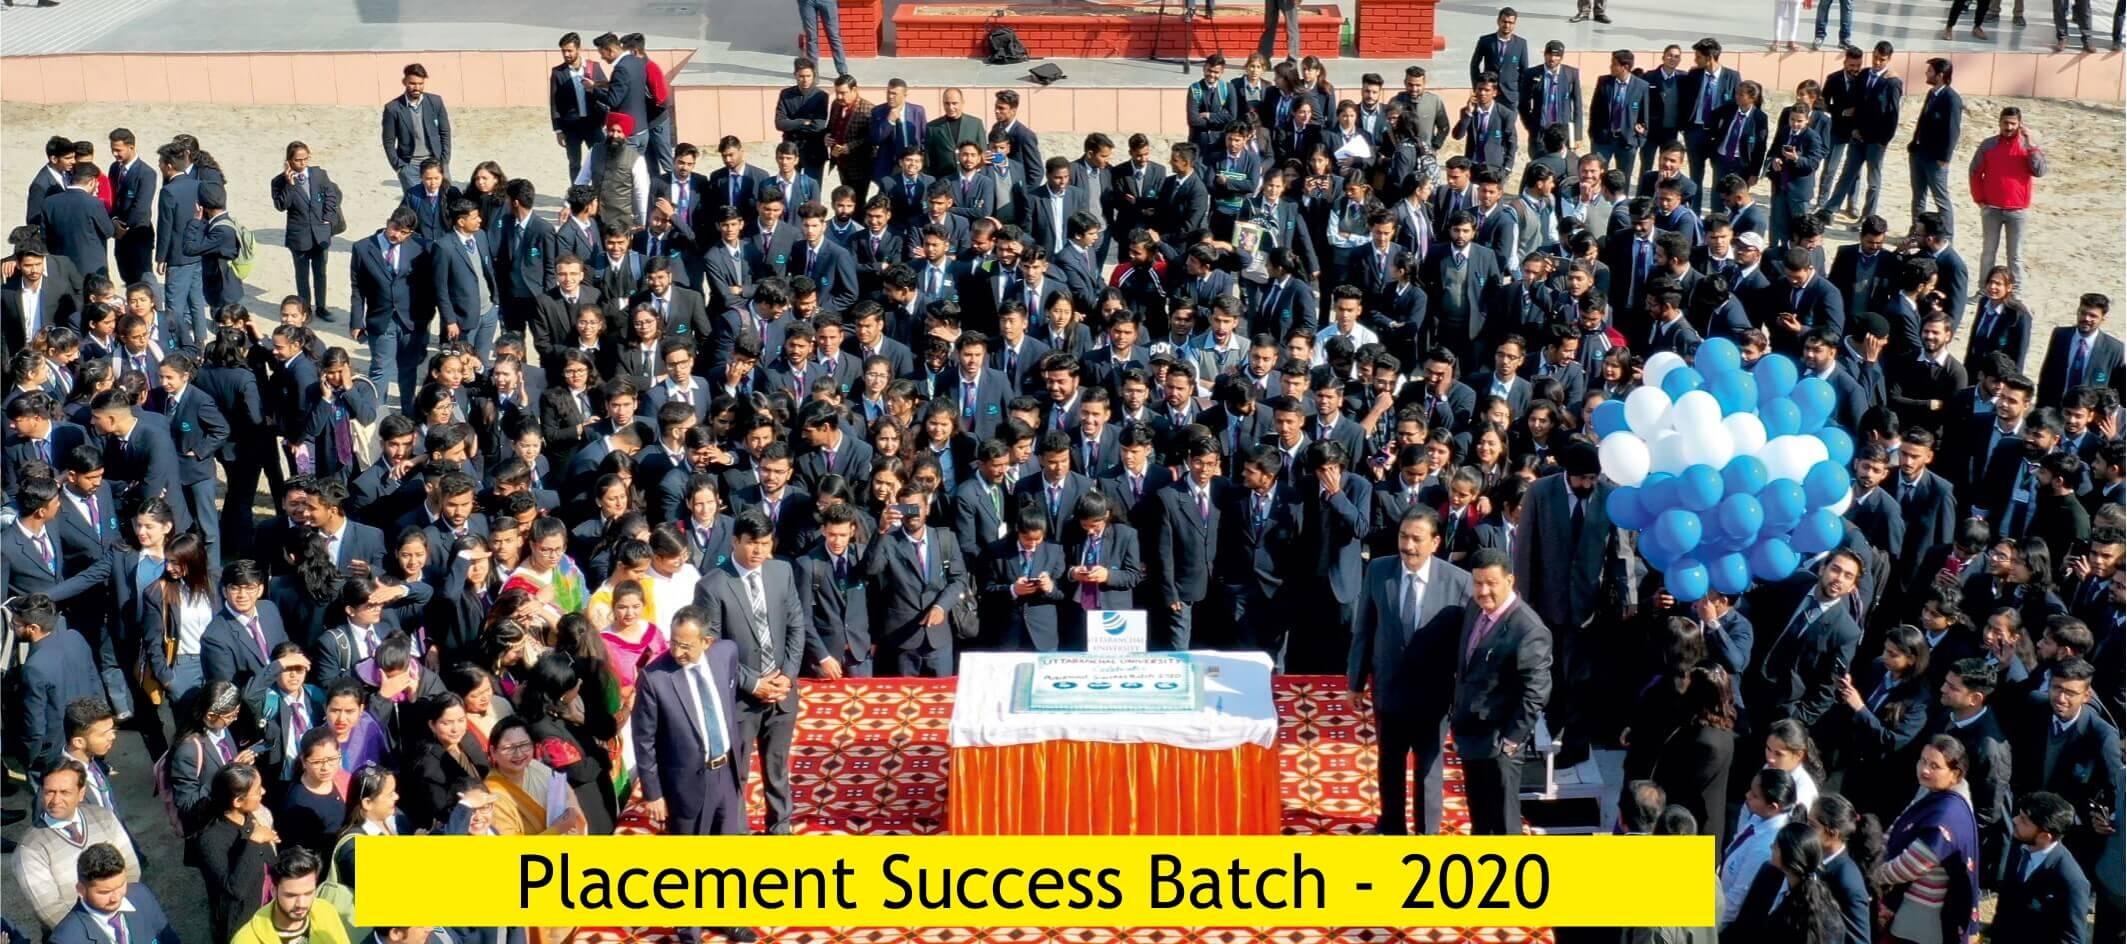 PLACEMENT SUCCESS